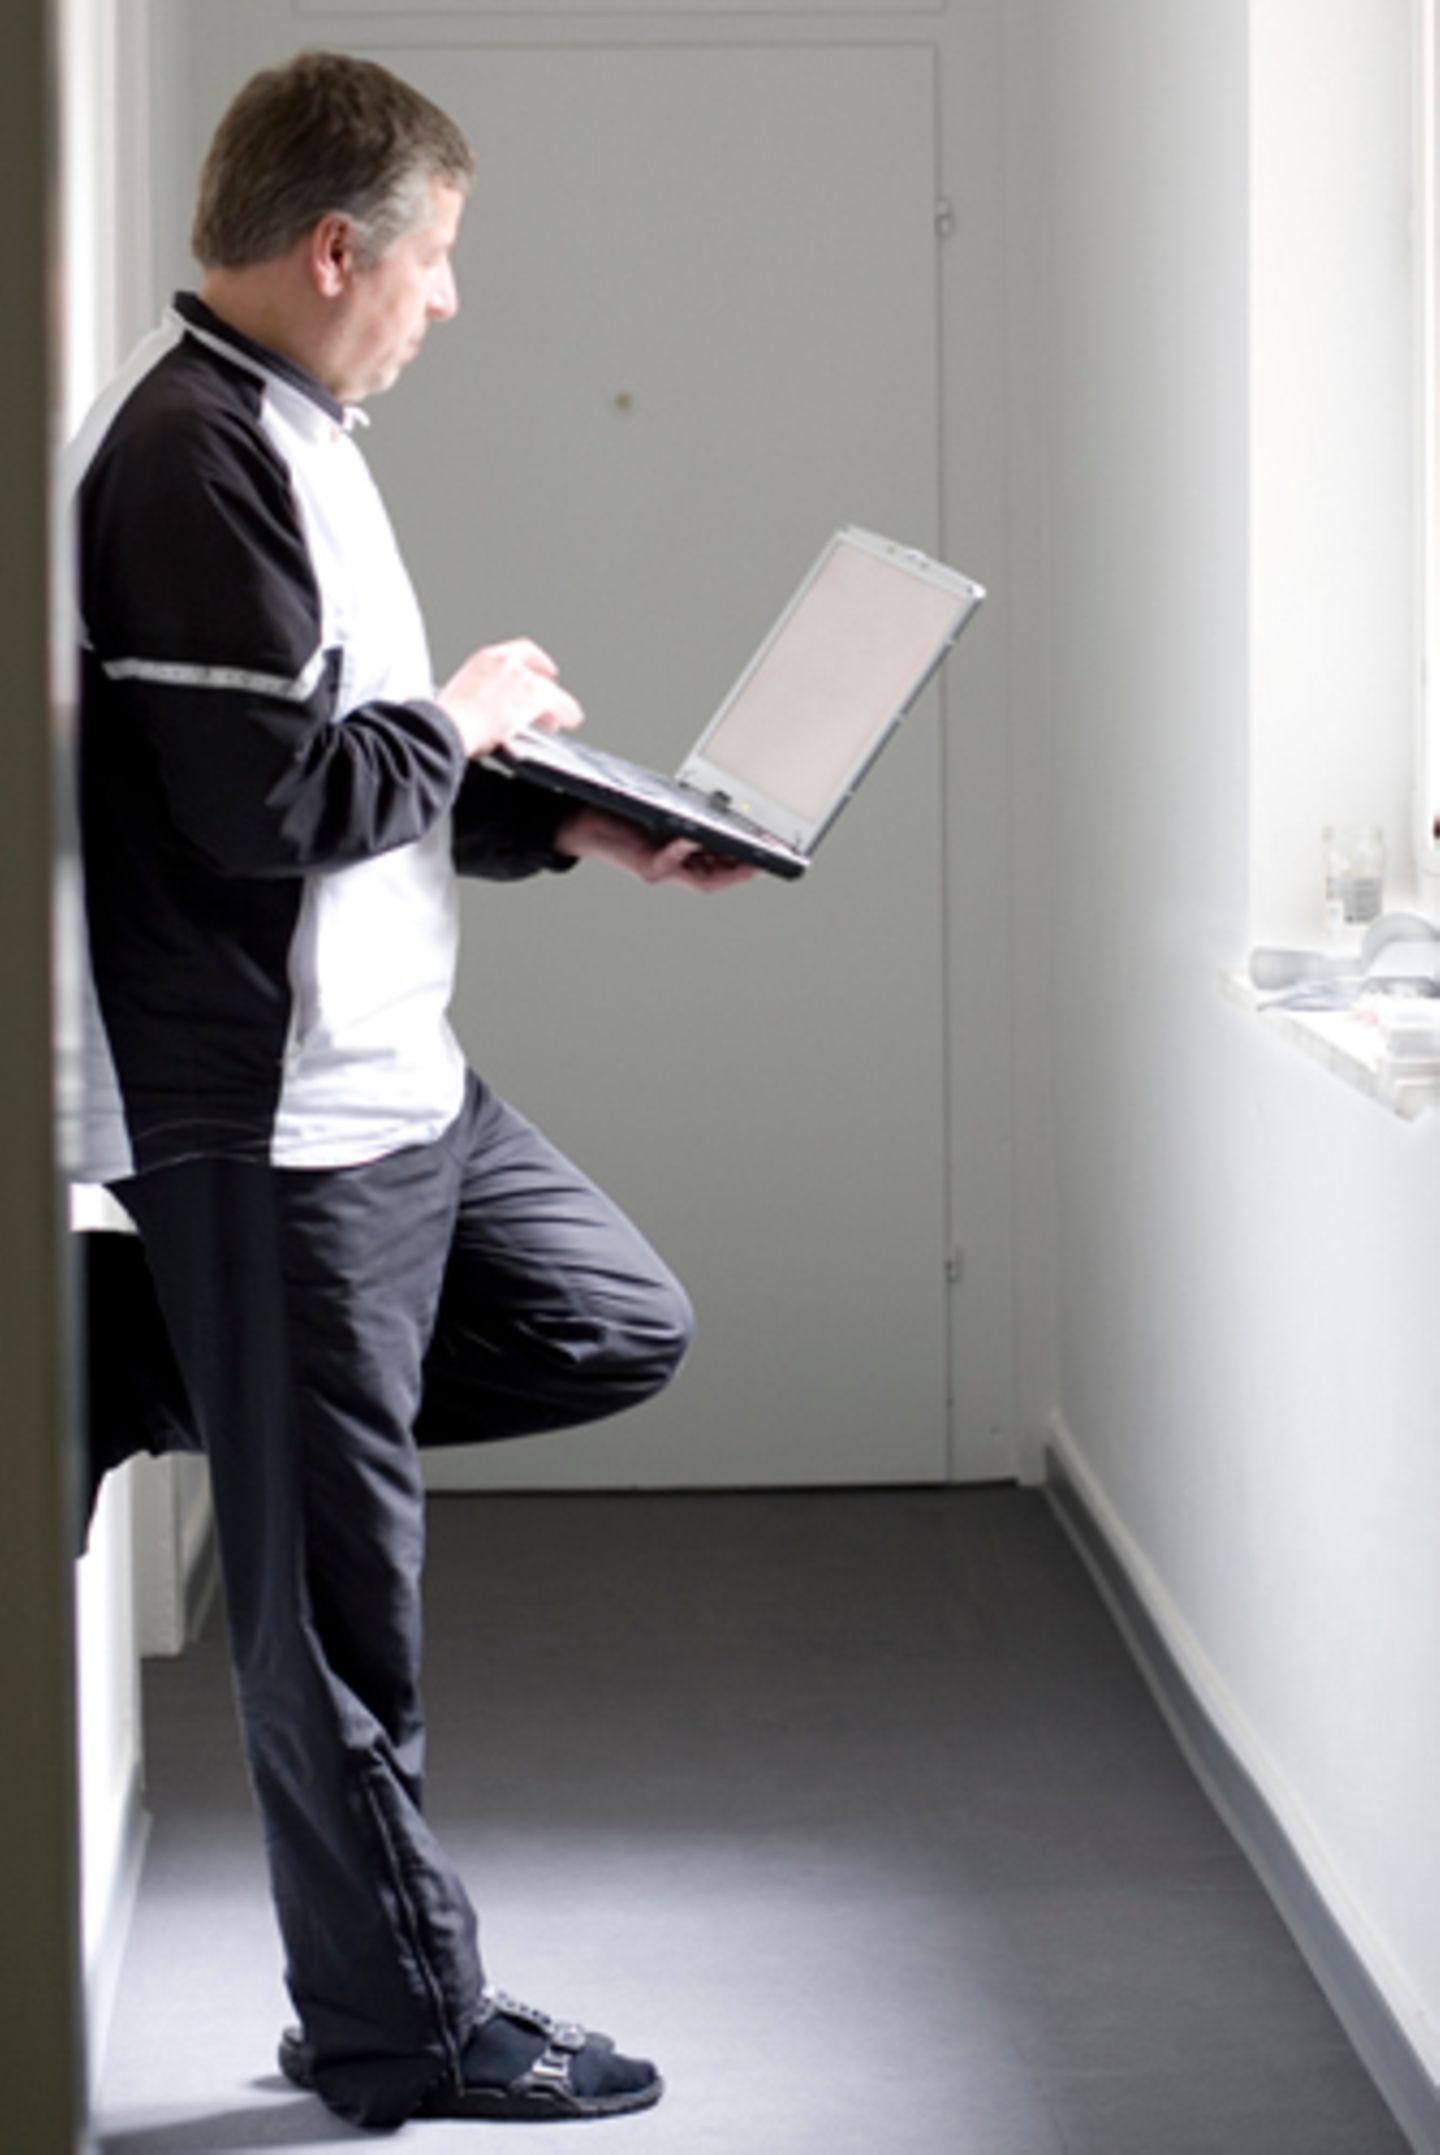 Ein Laptop und ein Internetzugang sind alles, was die Teilnehmer brauchen, um ihre Eindrücke und Erlebnisse aus dem Ruhrpott festzuhalten. Seit dem 1. Januar 2010 wohnen sie in ihren neuen Wohnungen. Erst wenn das Ruhrgebiet nicht mehr Kulturhauptstadt ist, ziehen die Teilnehmer wieder aus - oder vielleicht nicht.